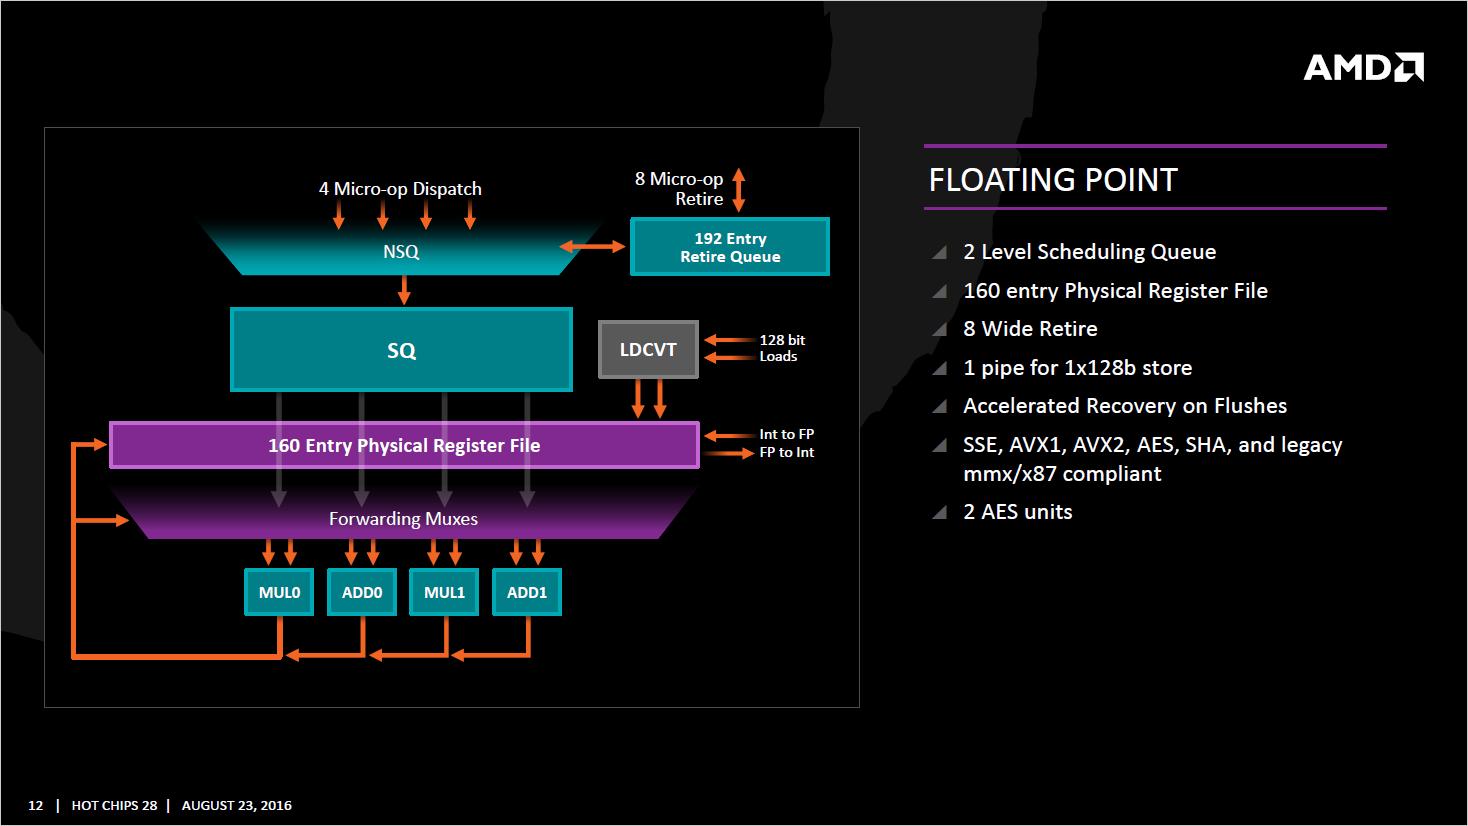 amd-zen_floating-point